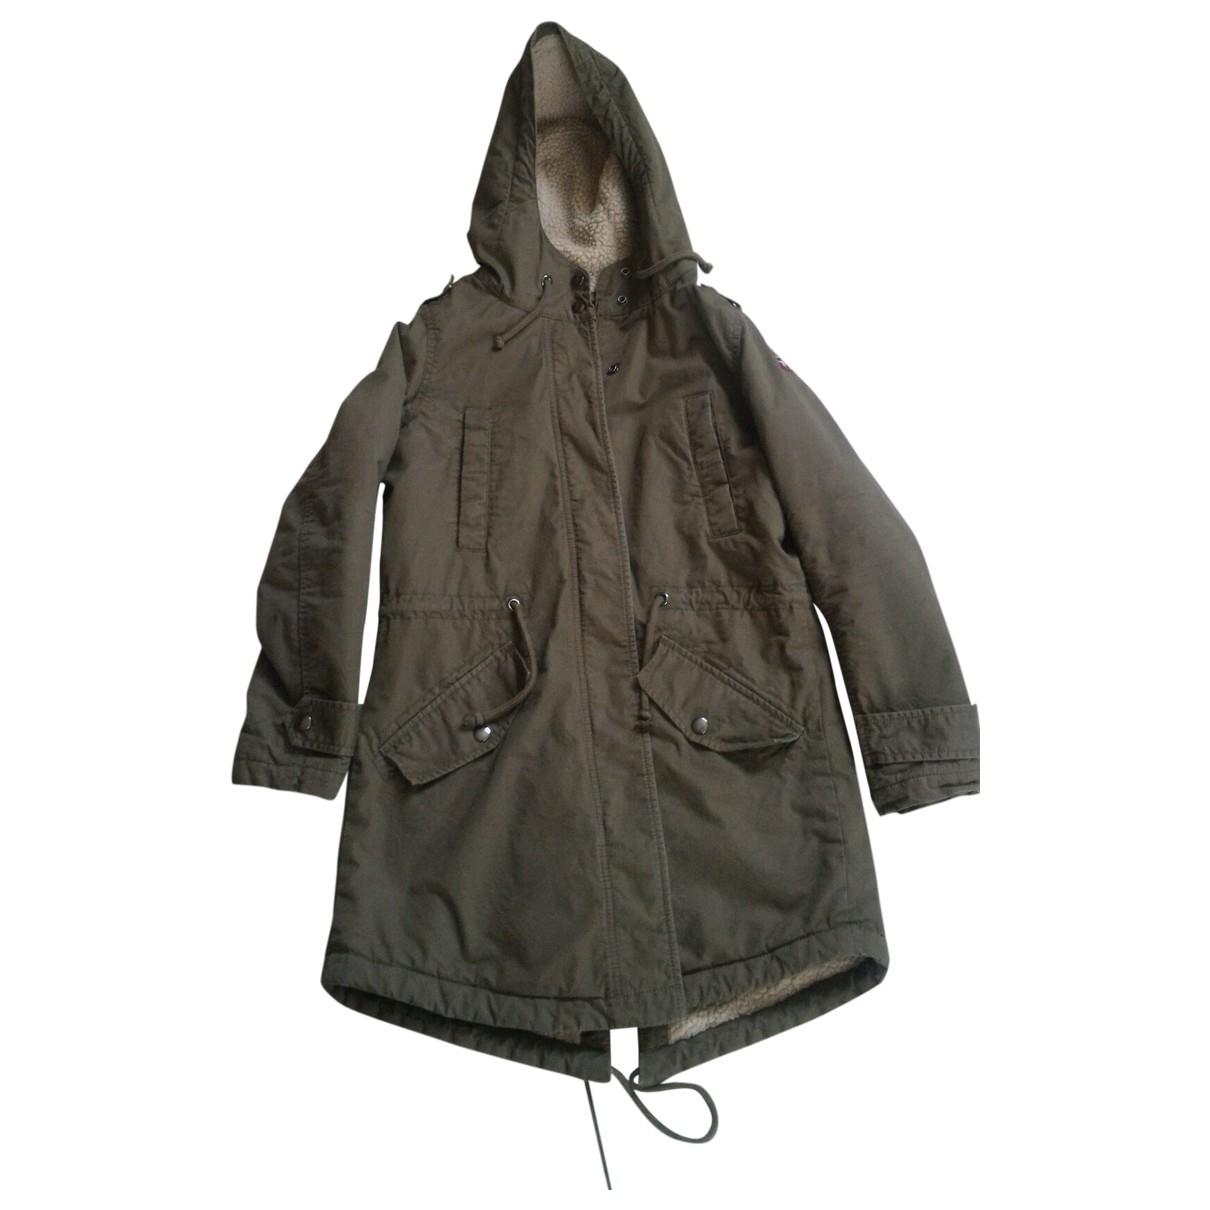 Napapijri \N Khaki coat for Women S International